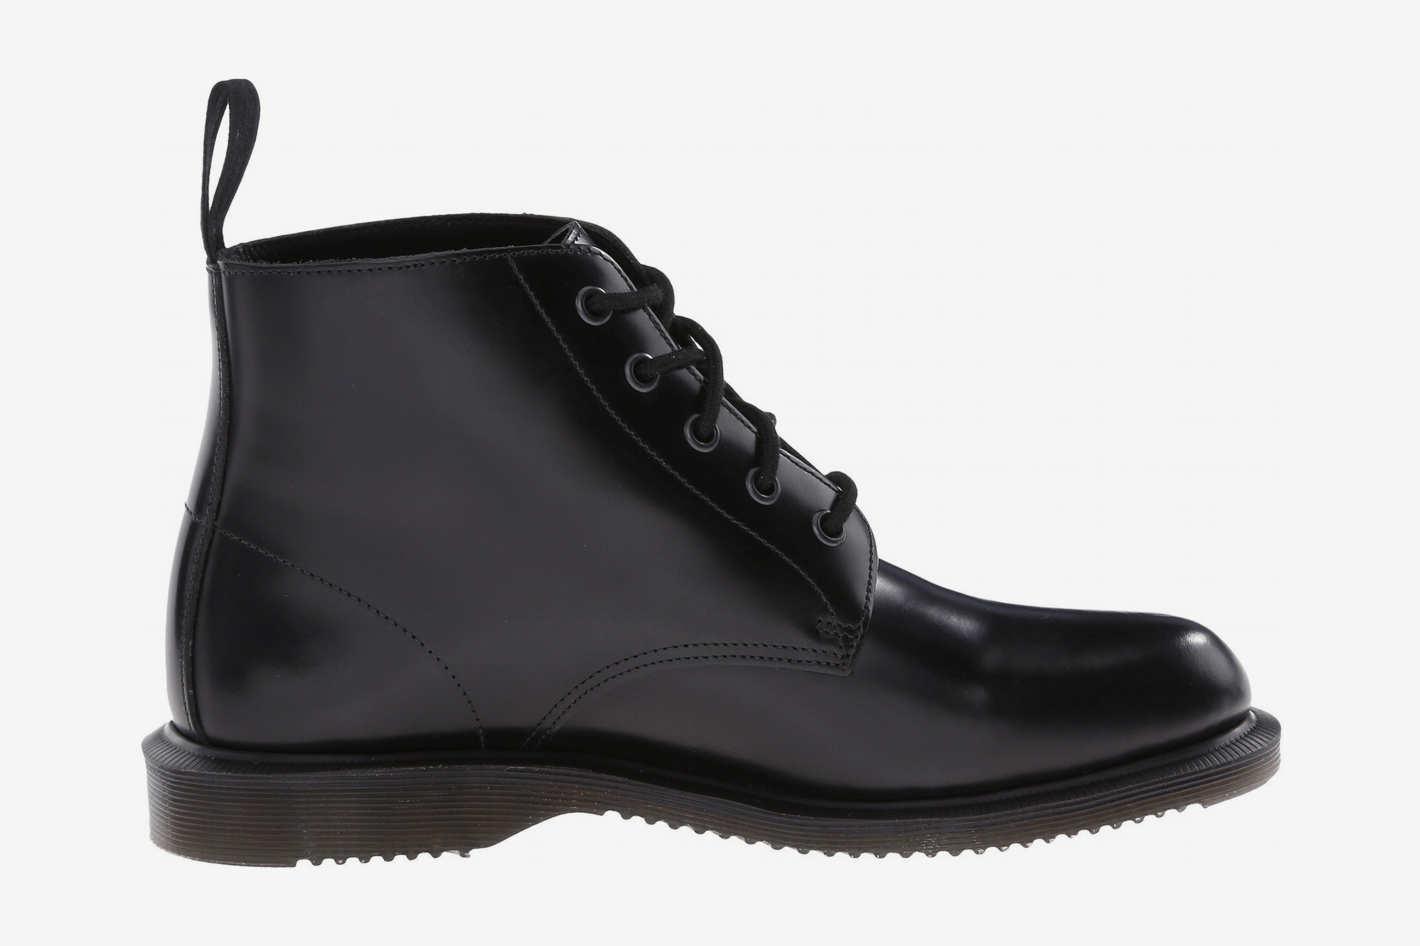 Dr. Martens Emmeline Boots